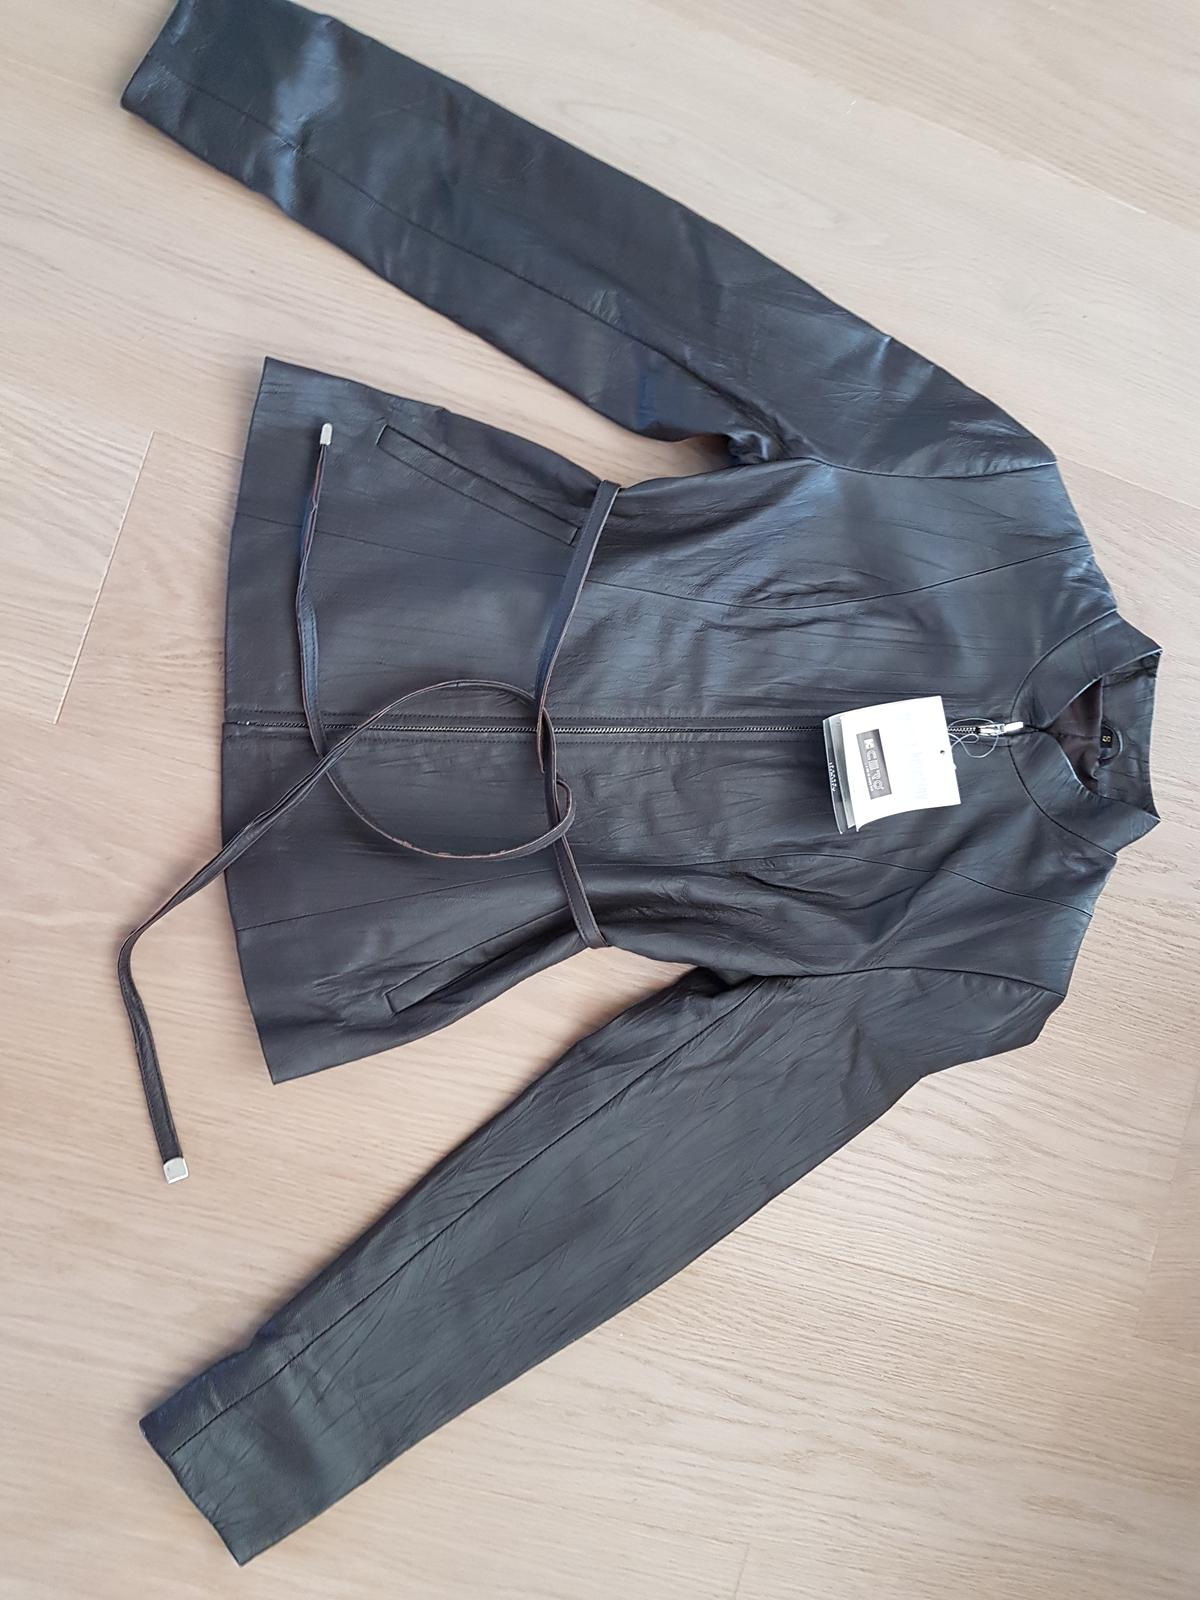 kožená bunda - Obrázok č. 2